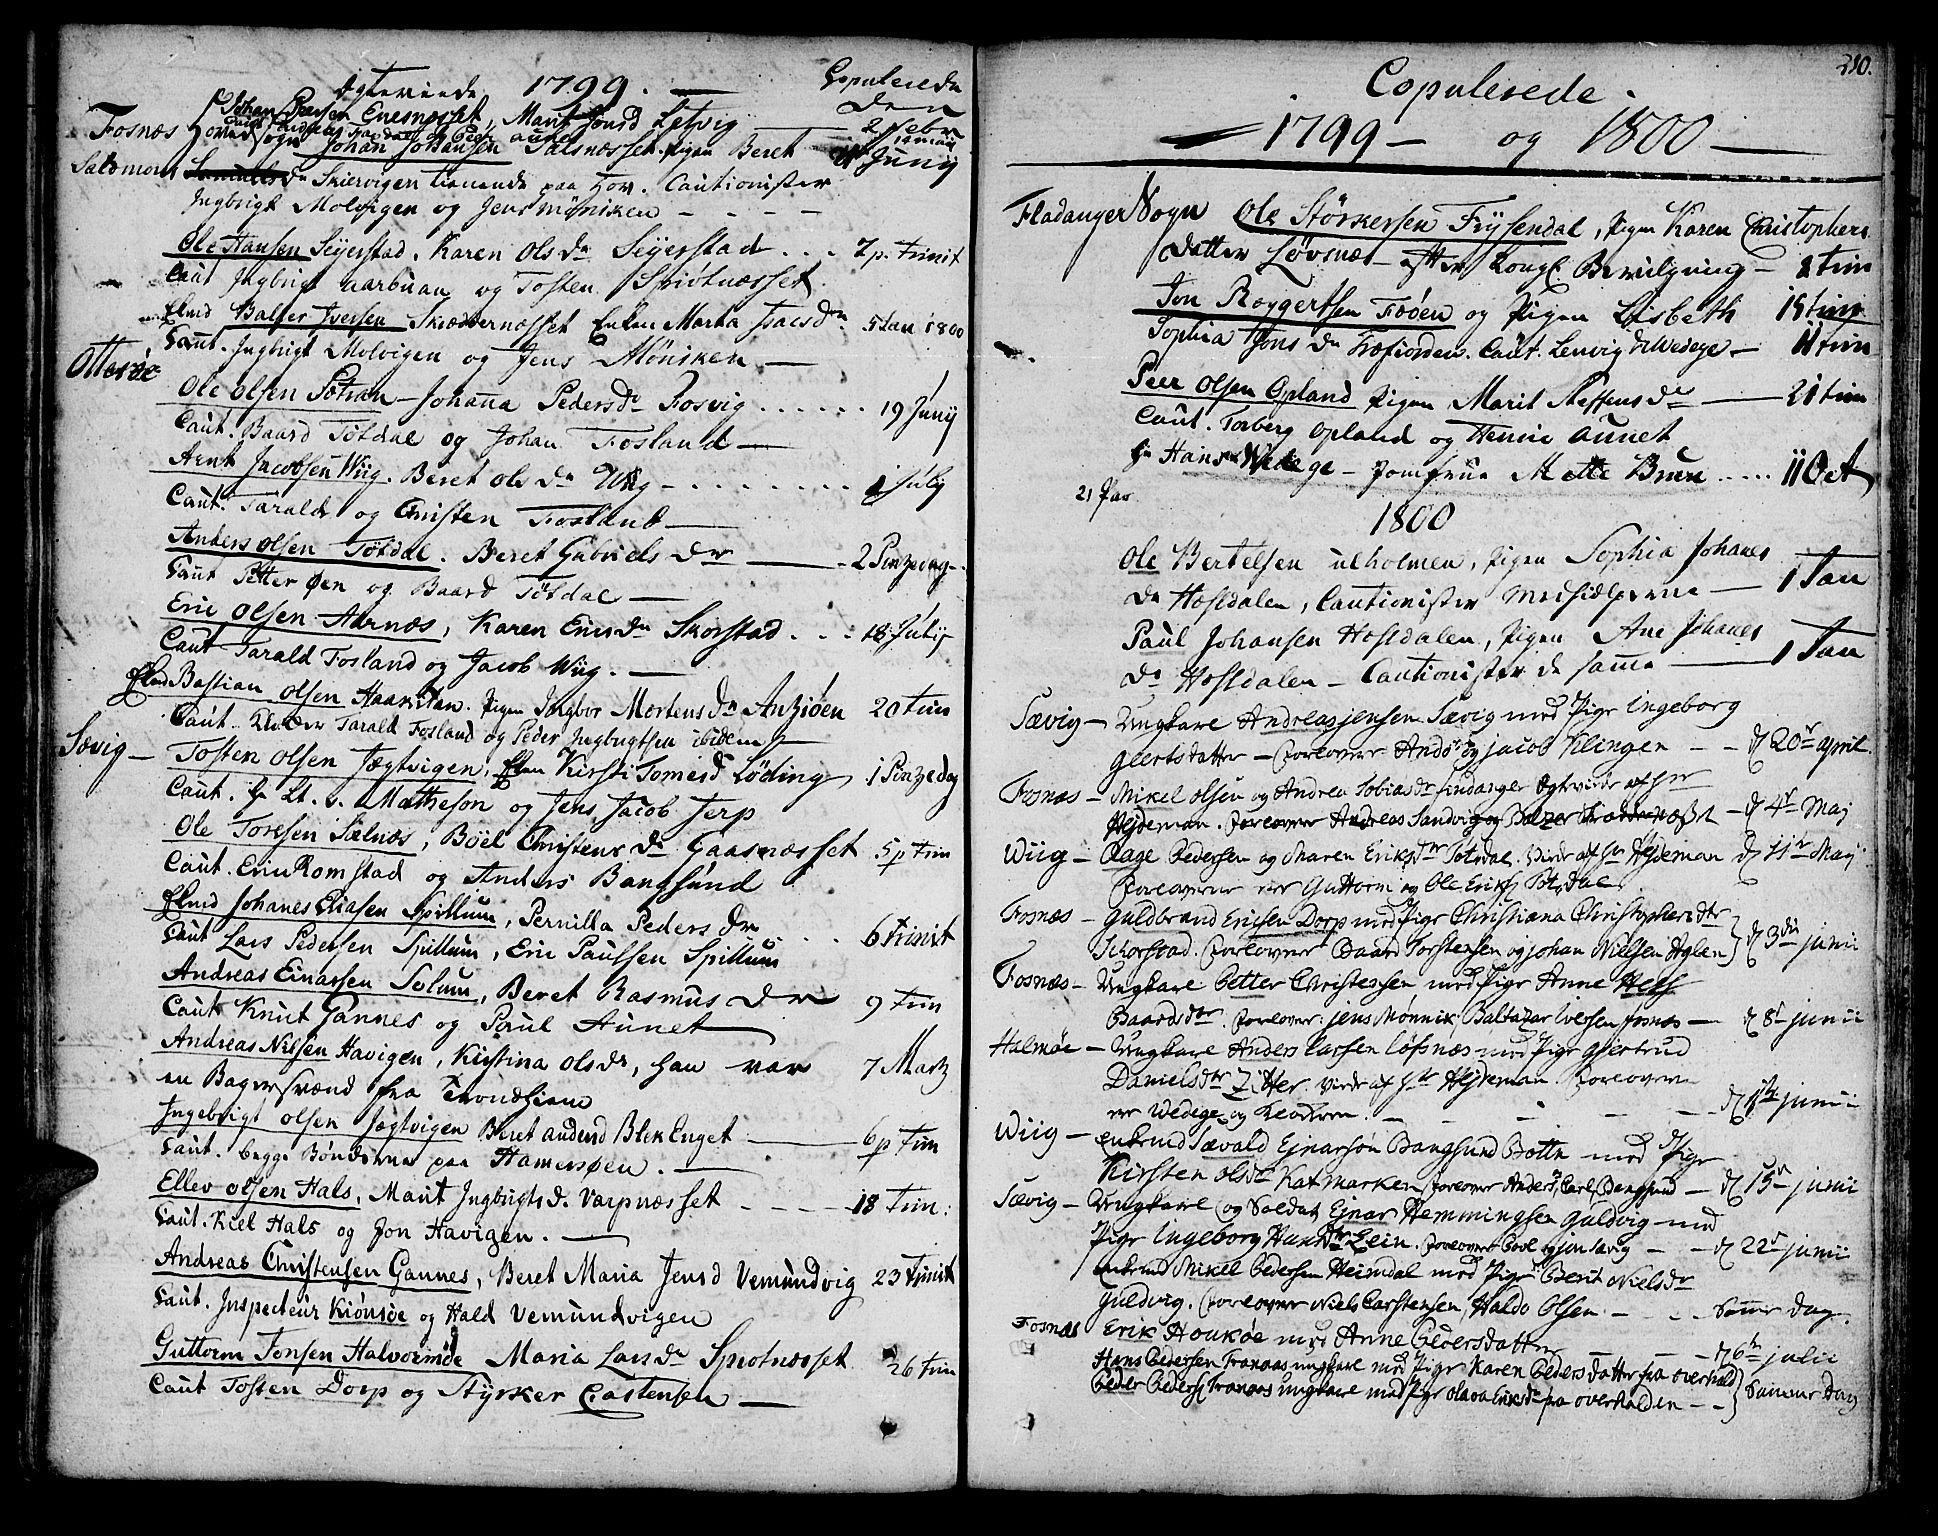 SAT, Ministerialprotokoller, klokkerbøker og fødselsregistre - Nord-Trøndelag, 773/L0608: Ministerialbok nr. 773A02, 1784-1816, s. 210